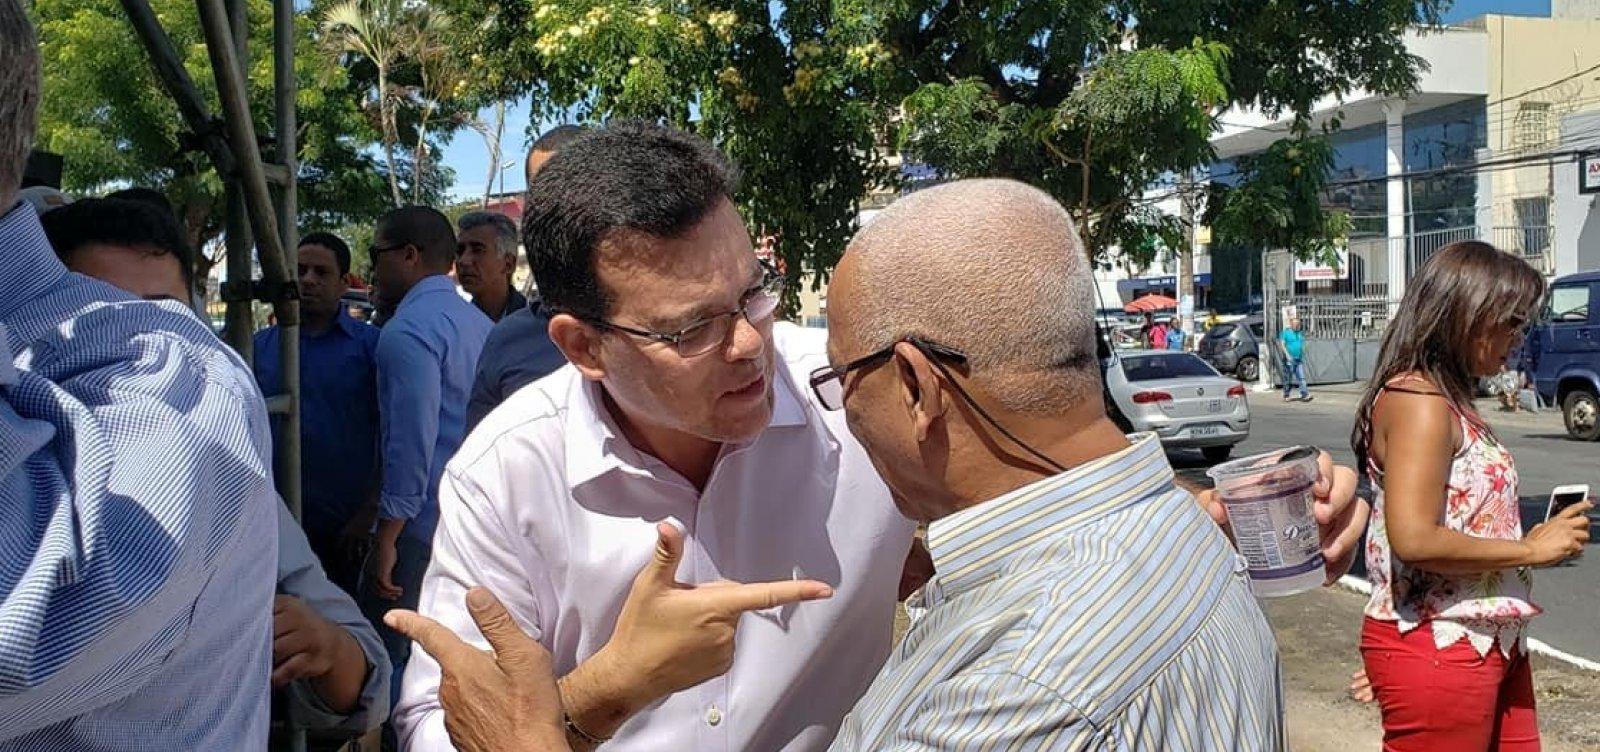 Após pressão, Mangueira deve assumir vice-liderança na Câmara de Salvador